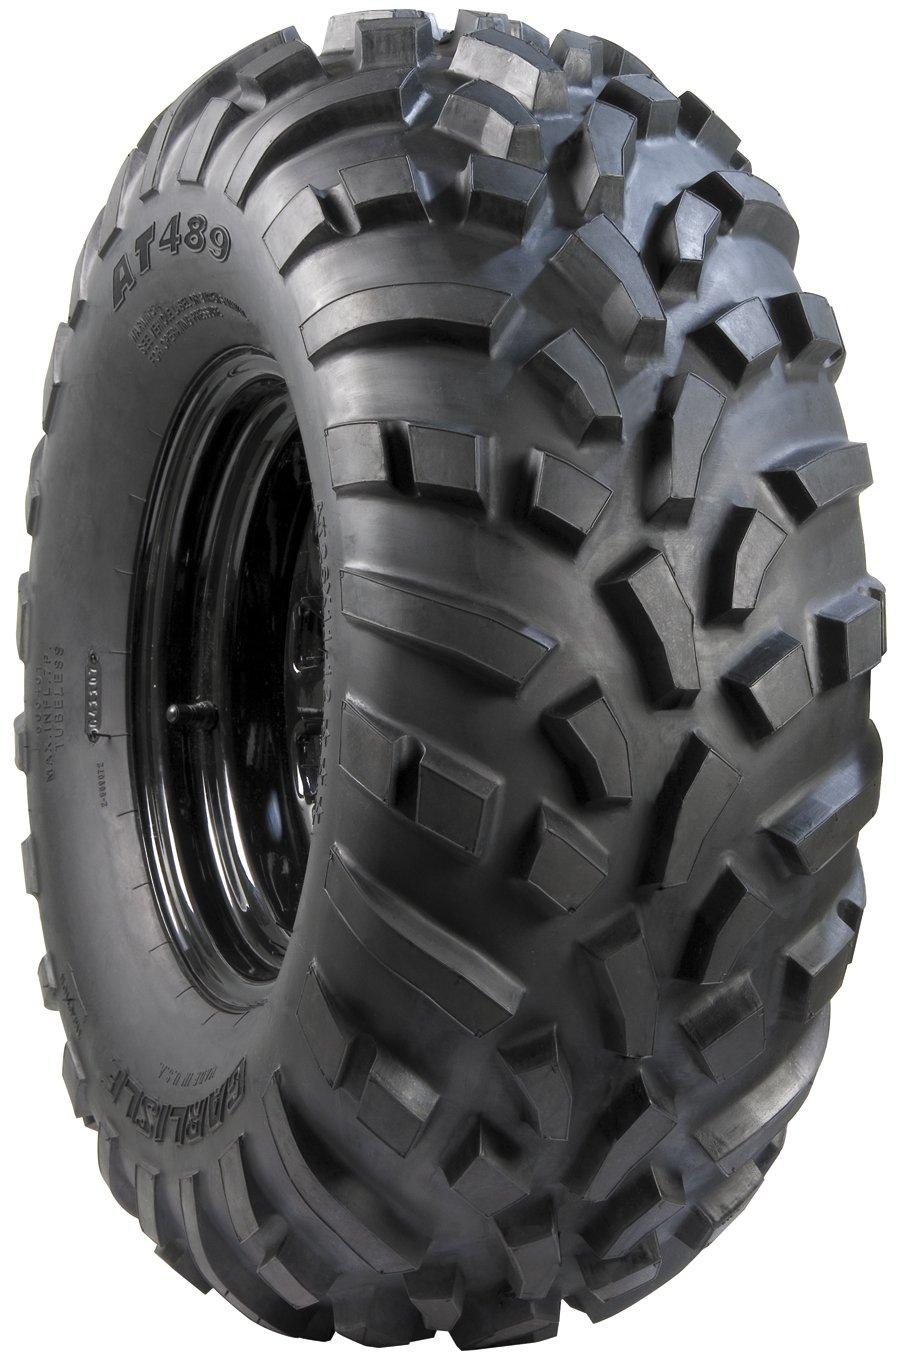 Carlisle 24x10.50-10 4pr AT489 Tyre, ATV/UTV, Powersports, John Deere Gator Carlstar